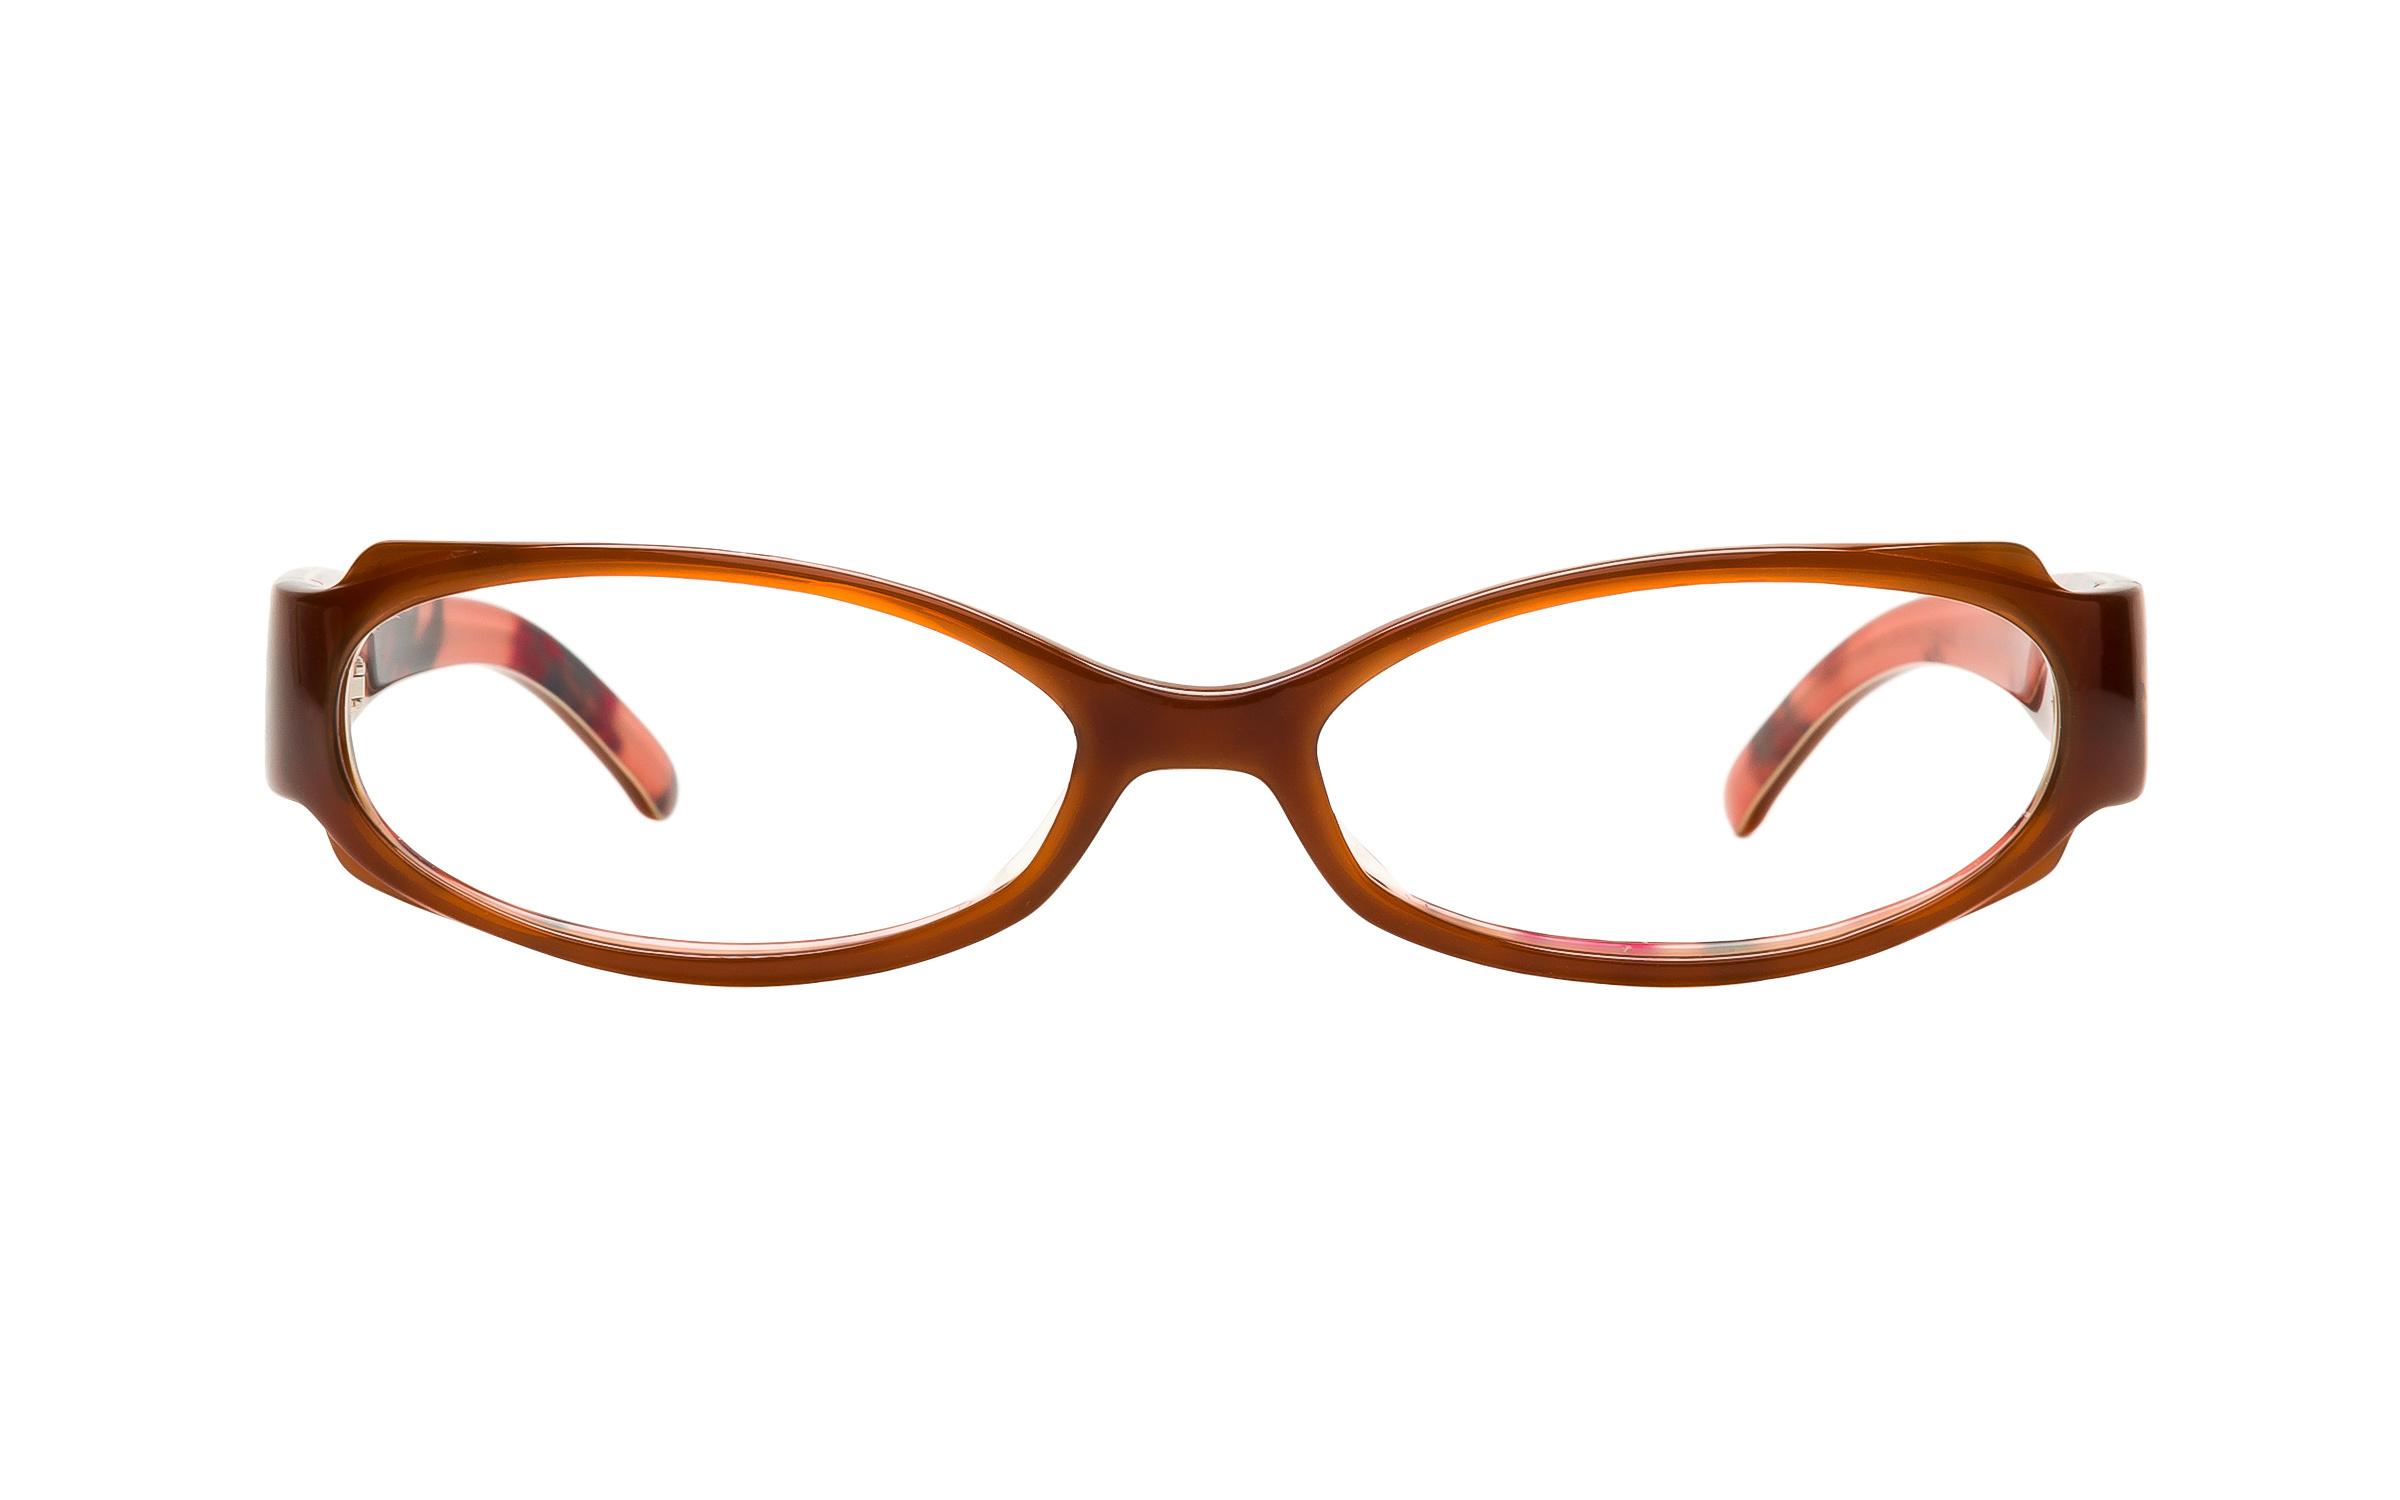 Kenzo_2053_C01_Eyeglasses_and_Frame_in_Rose_Brown_|_Acetate__Online_Coastal